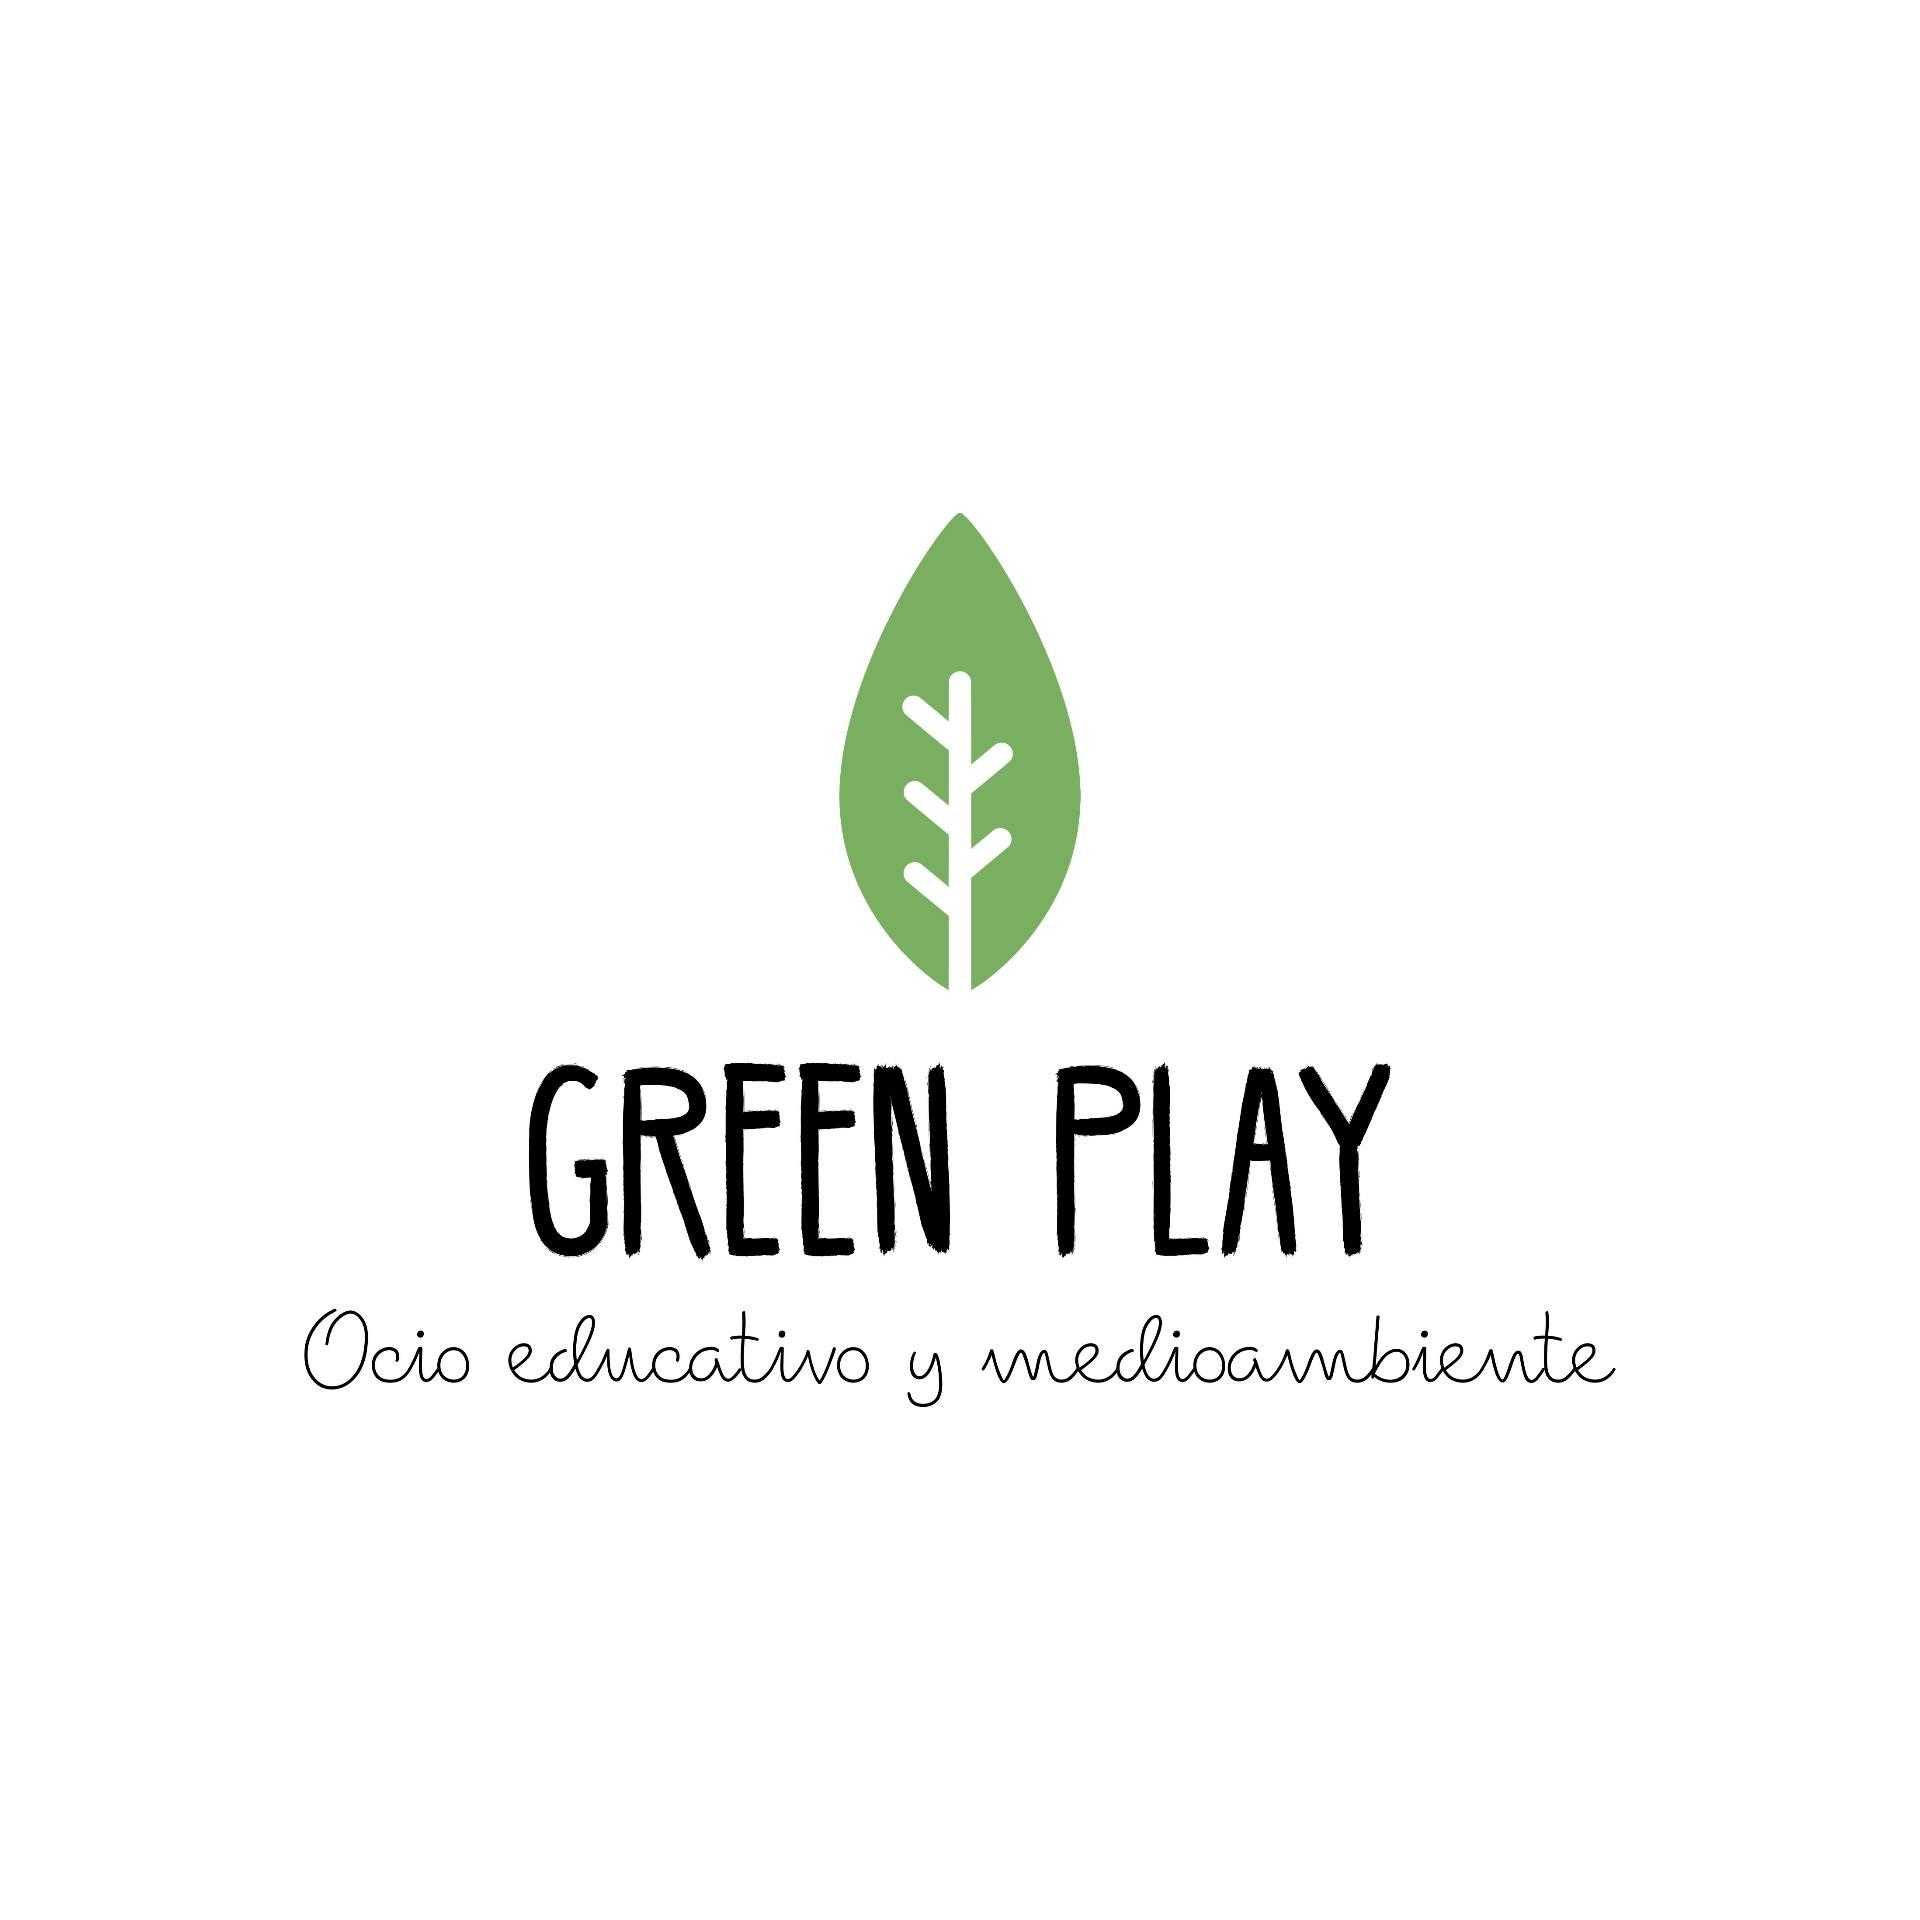 Green Play, Ocio Educativo y Medioambiente